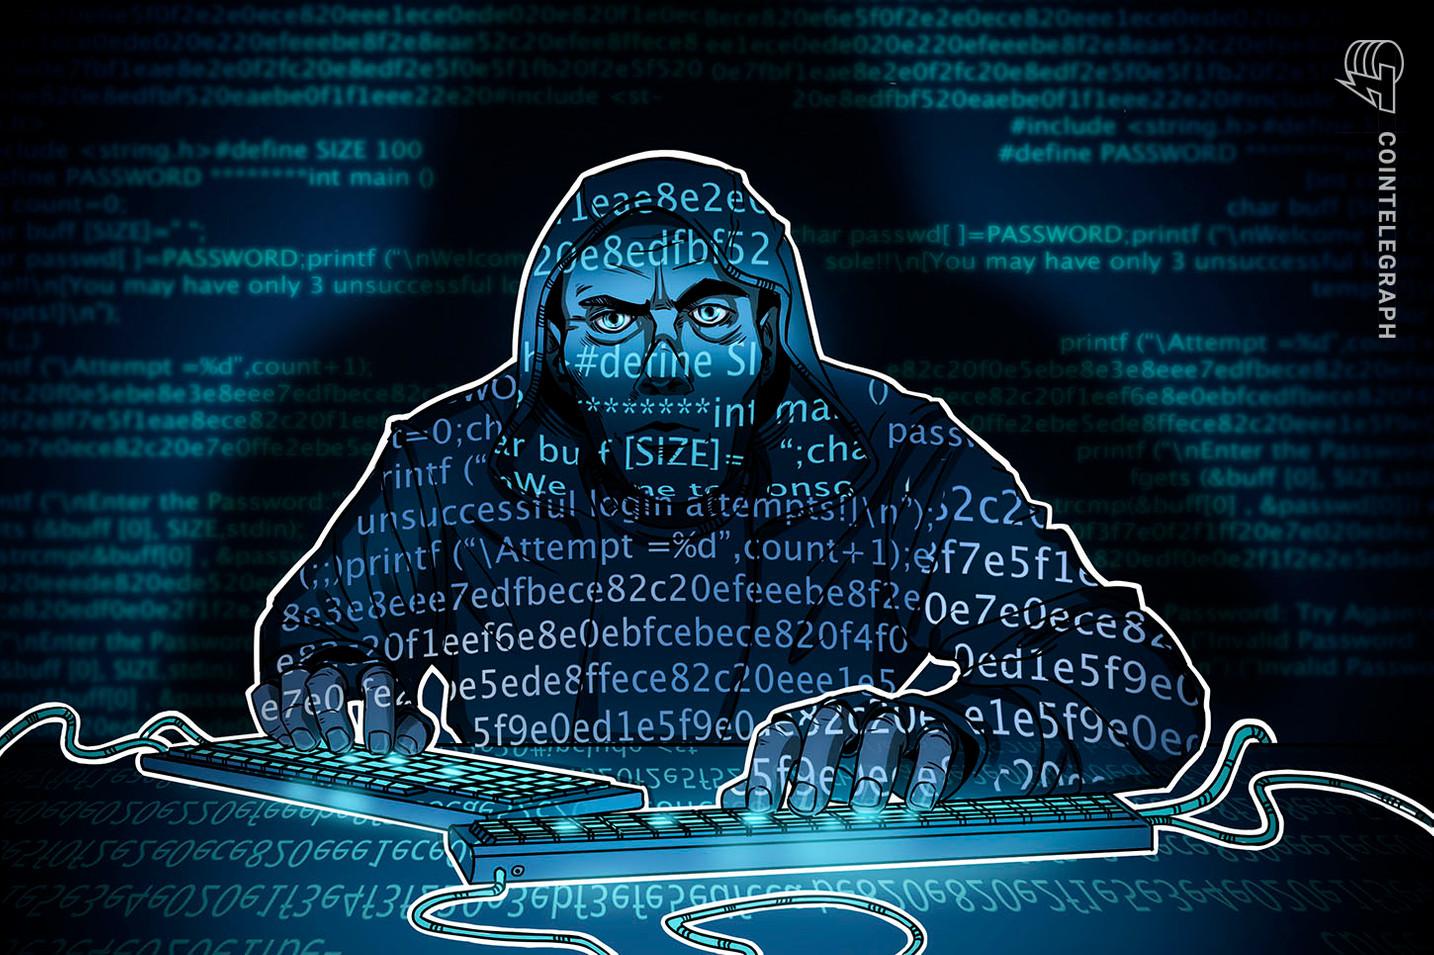 El primer ataque de ransomware en las elecciones de 2020 golpea la infraestructura electoral de Georgia